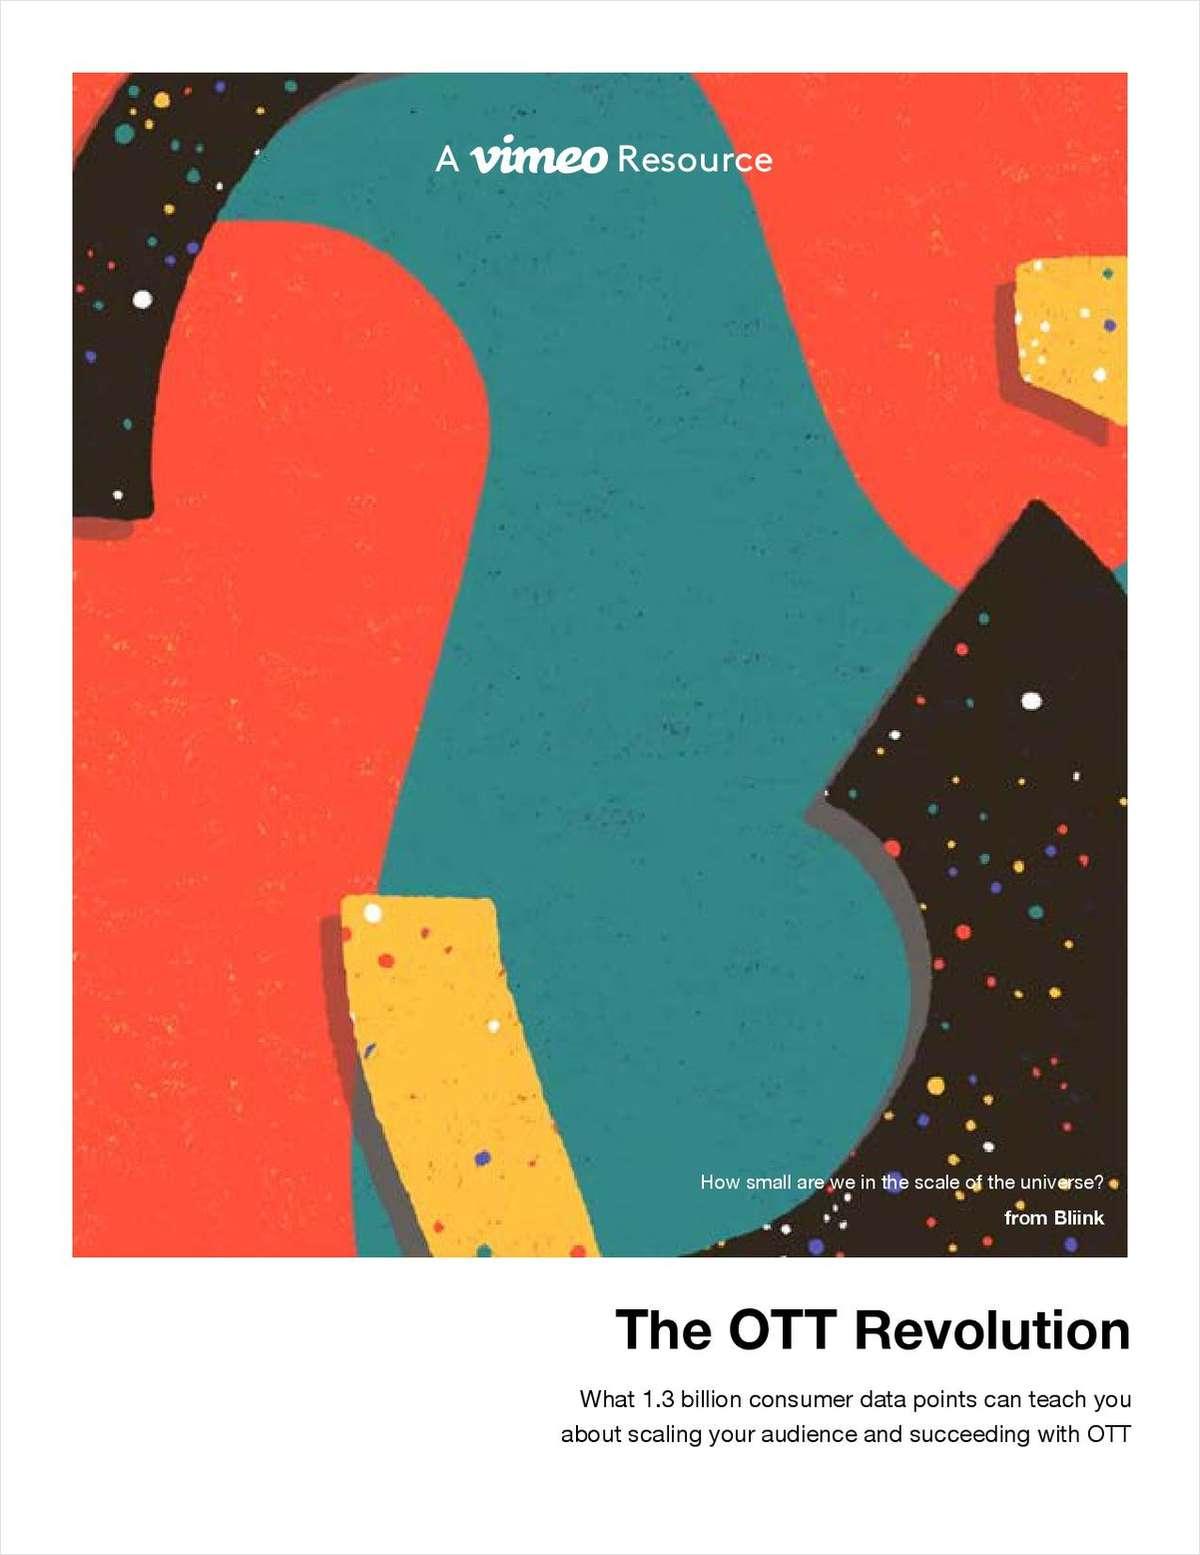 The OTT Revolution